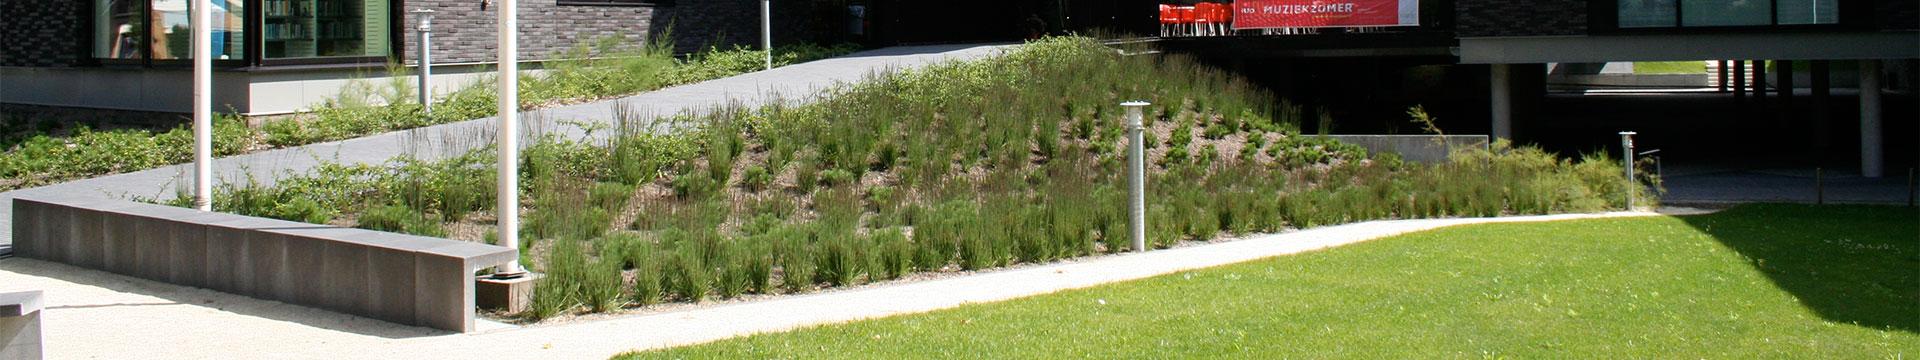 residence-garden-tuinonderhoud-veluvine-nunspeet-header